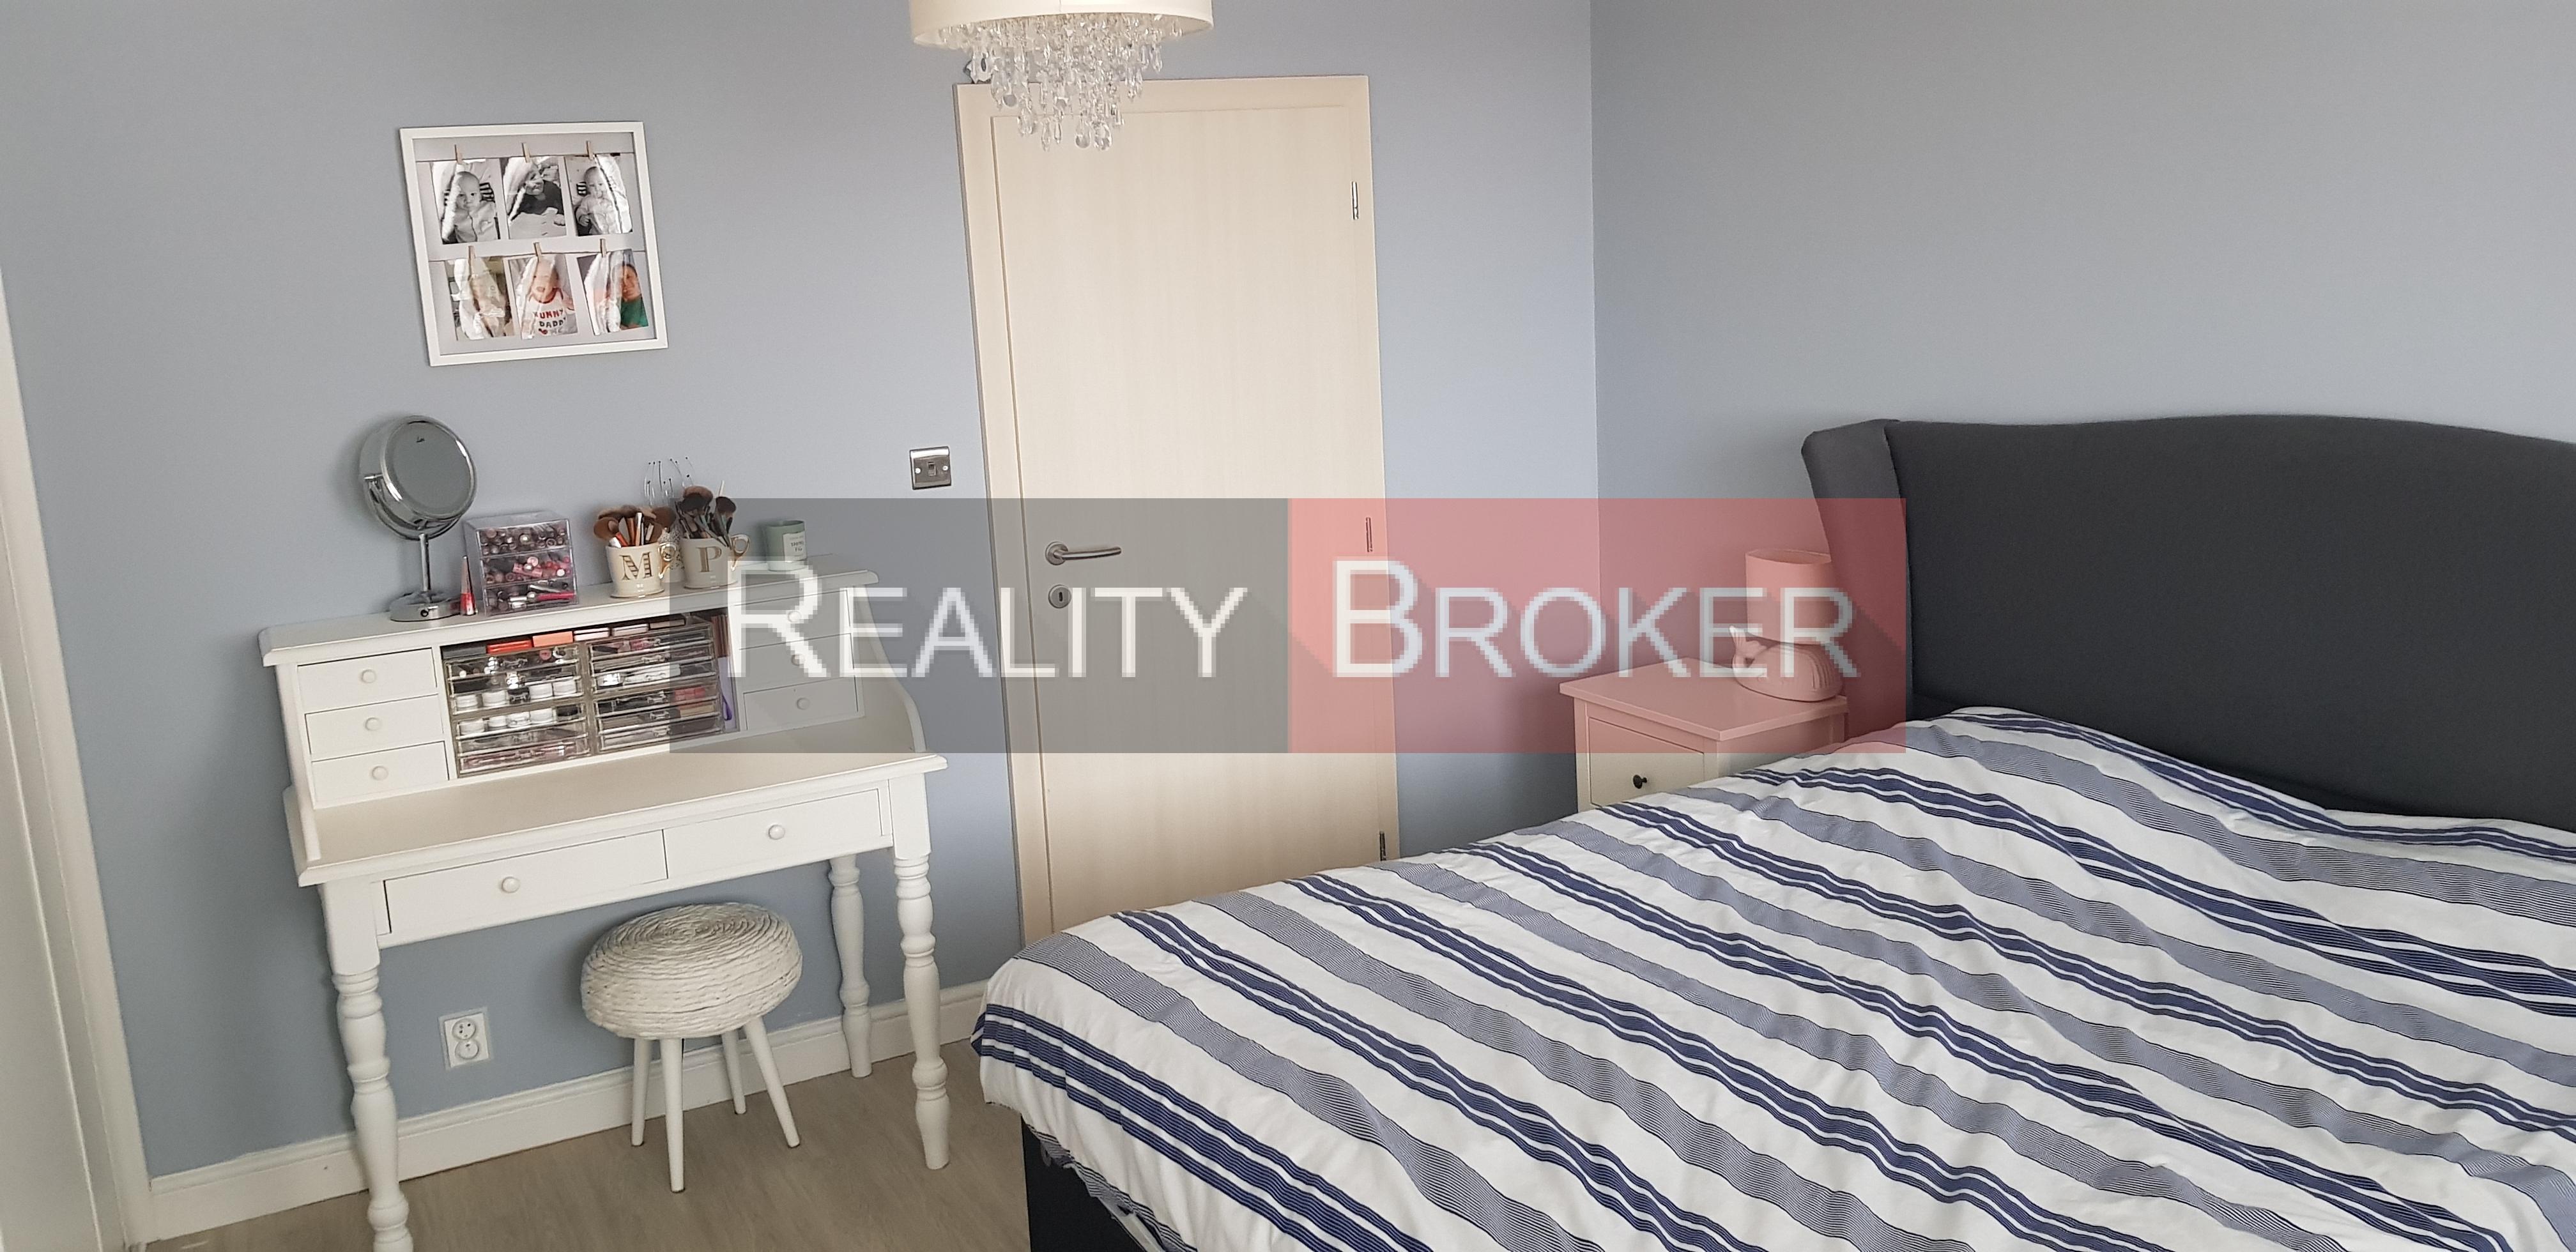 REALITY BROKER ponúka na predaj pekný, priestranný 4 izb. byt po kompletnej rekonštrukcii v centre